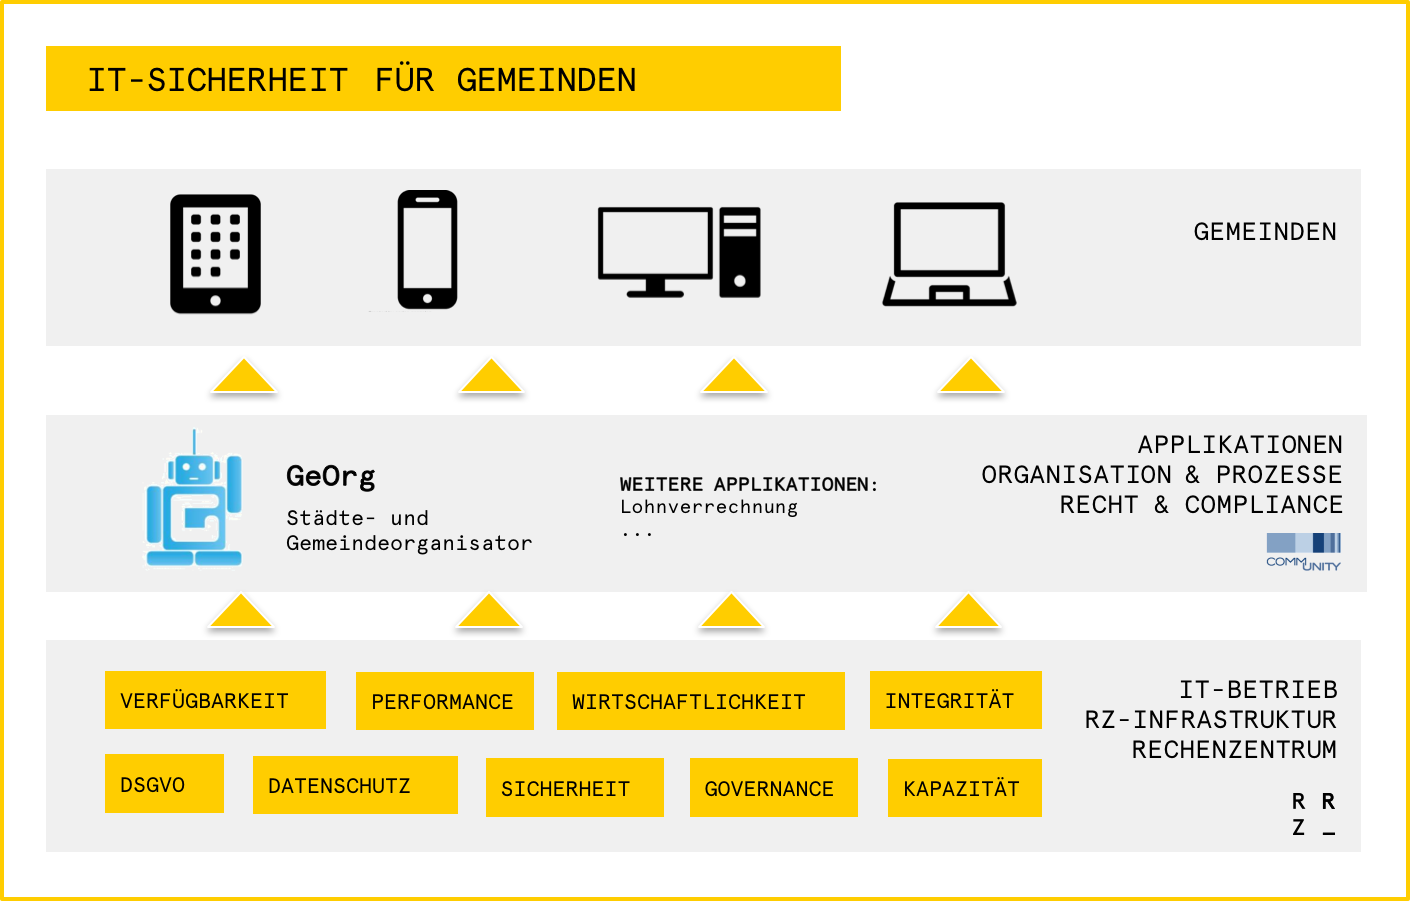 IT-Sicherheit-Gemeinden